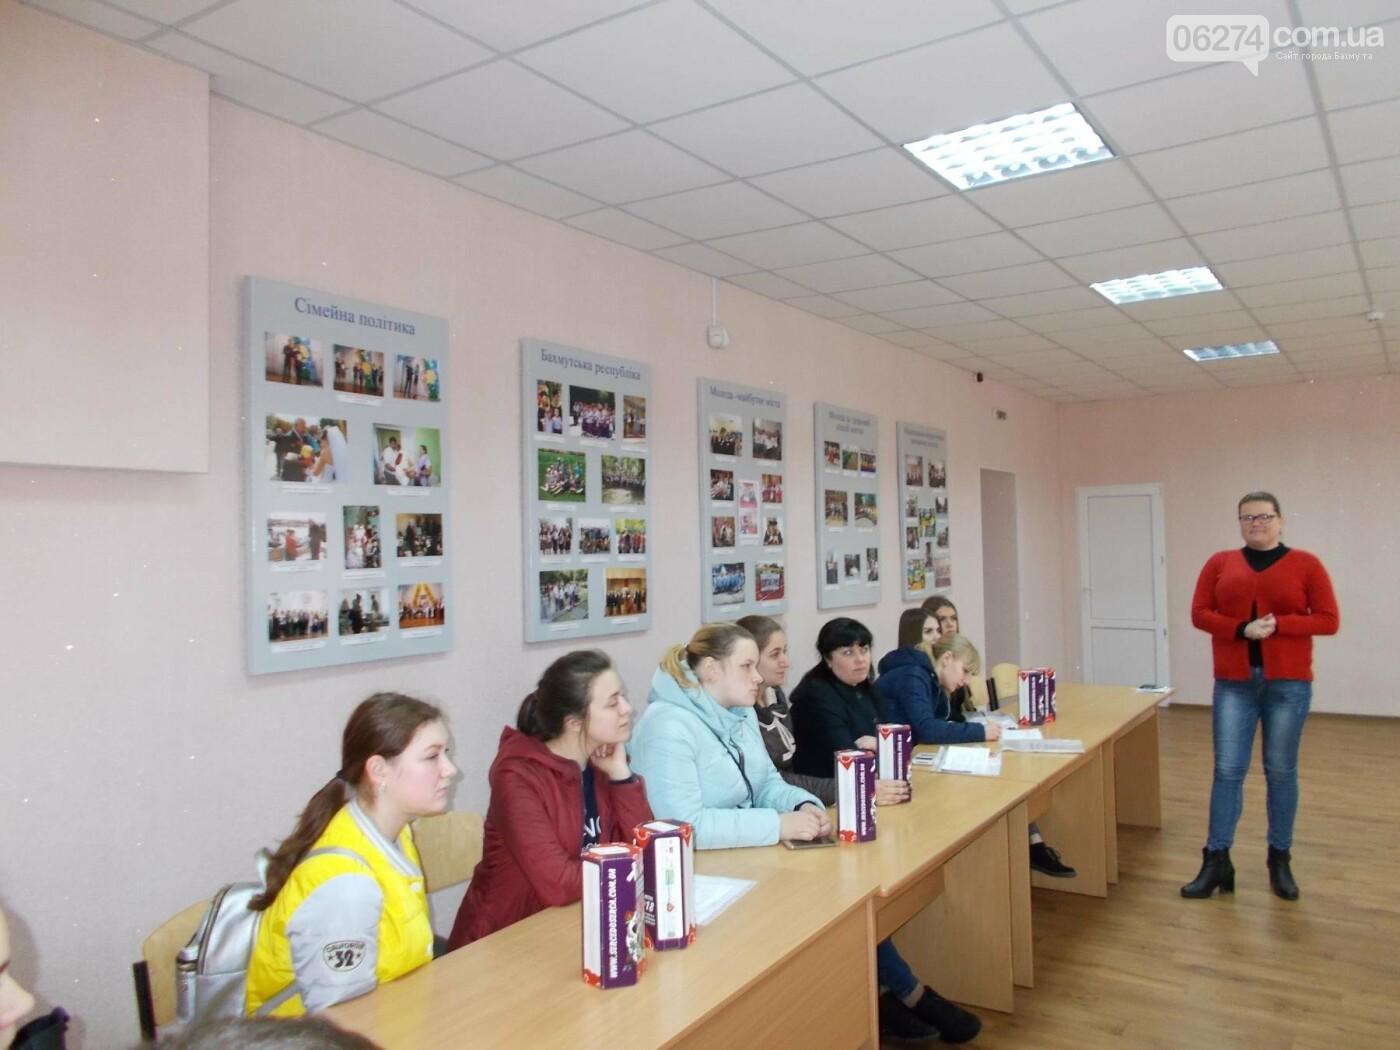 Бахмутчане приняли участие в акции Всеукраинского благотворительного фонда «Сердце к сердцу», фото-1